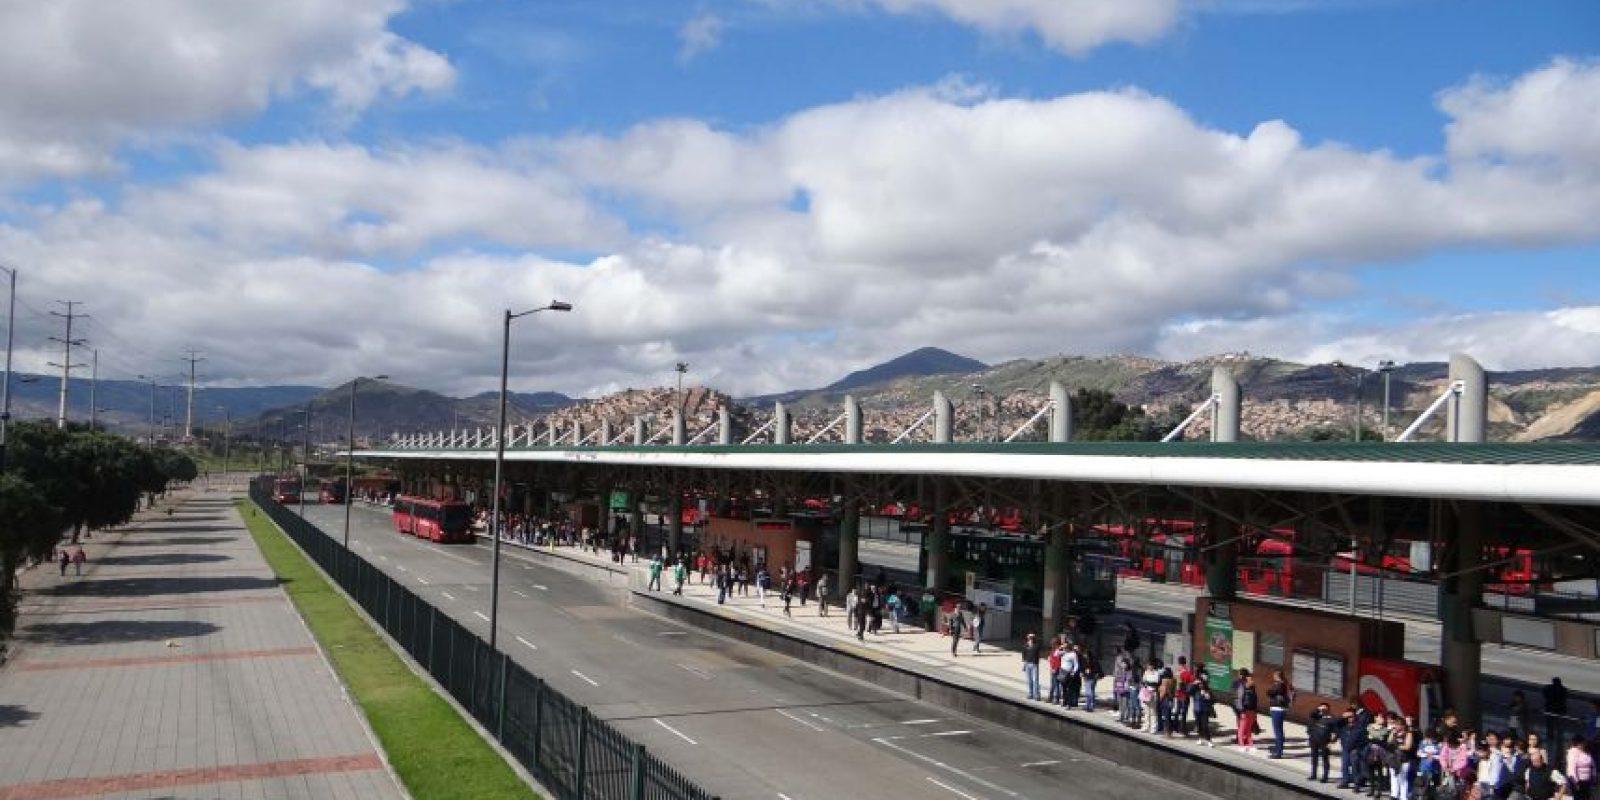 La construcción del cable aéreo intermodal permitiría a los usuarios del Portal del Tunal de TransMilenio disminuir sus viajes diarios en cerca de una hora y media. El cable de San Cristóbal contará con cuatro estaciones y una extensión de 3480 metros. Foto:Diego Hernán Pérez /PUBLIMETRO